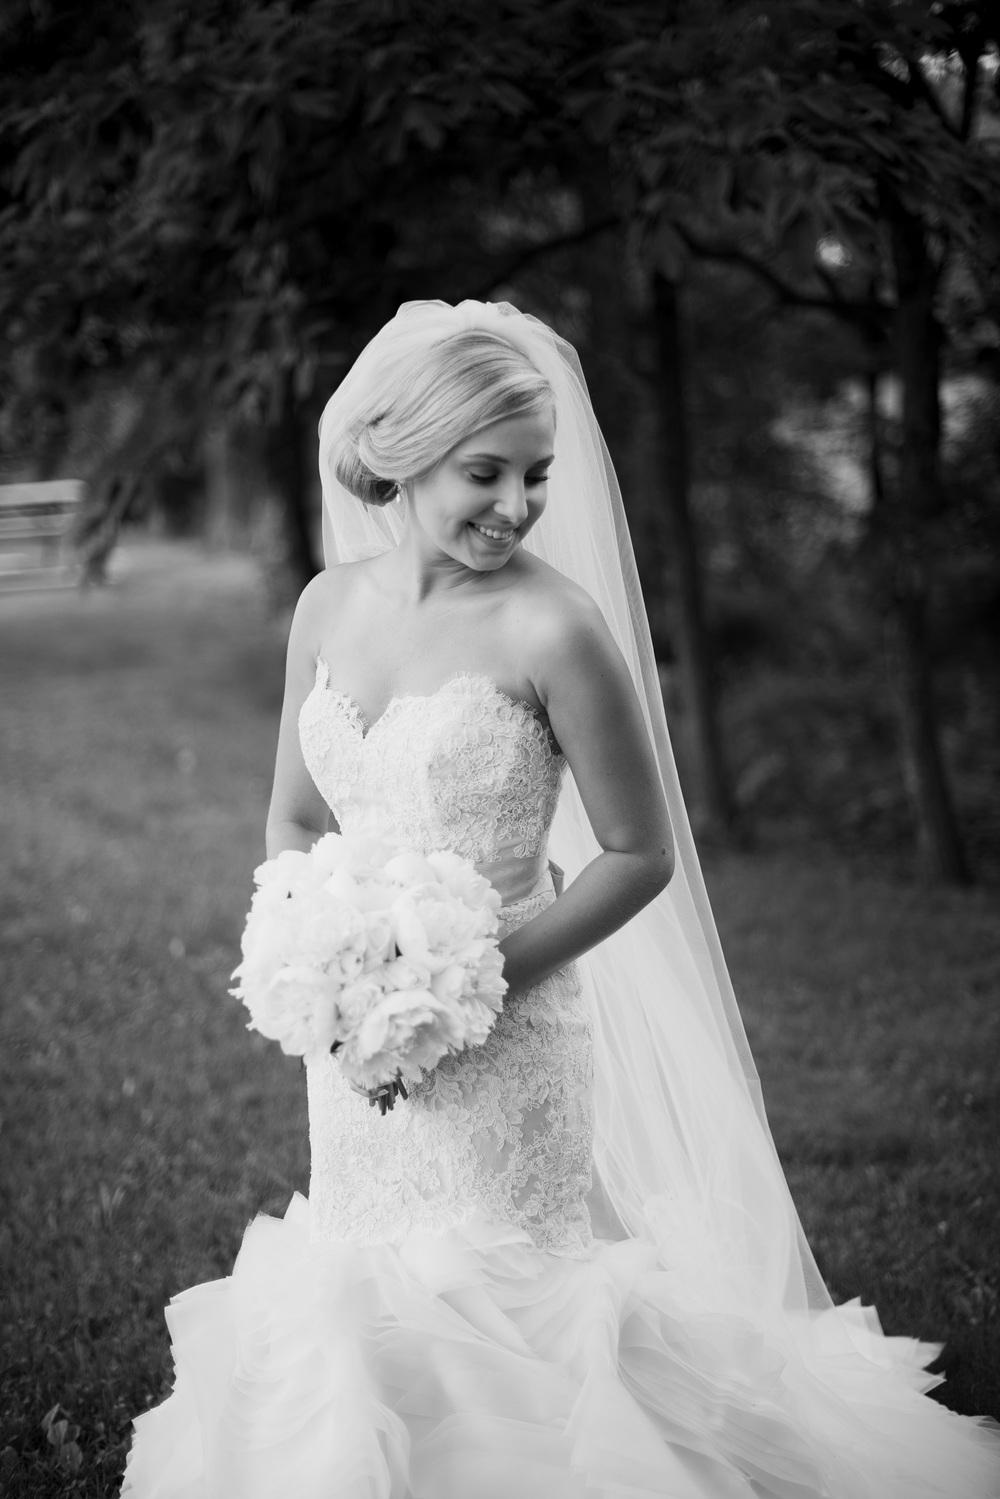 bride portrait dress lace veil forest bw bouquet